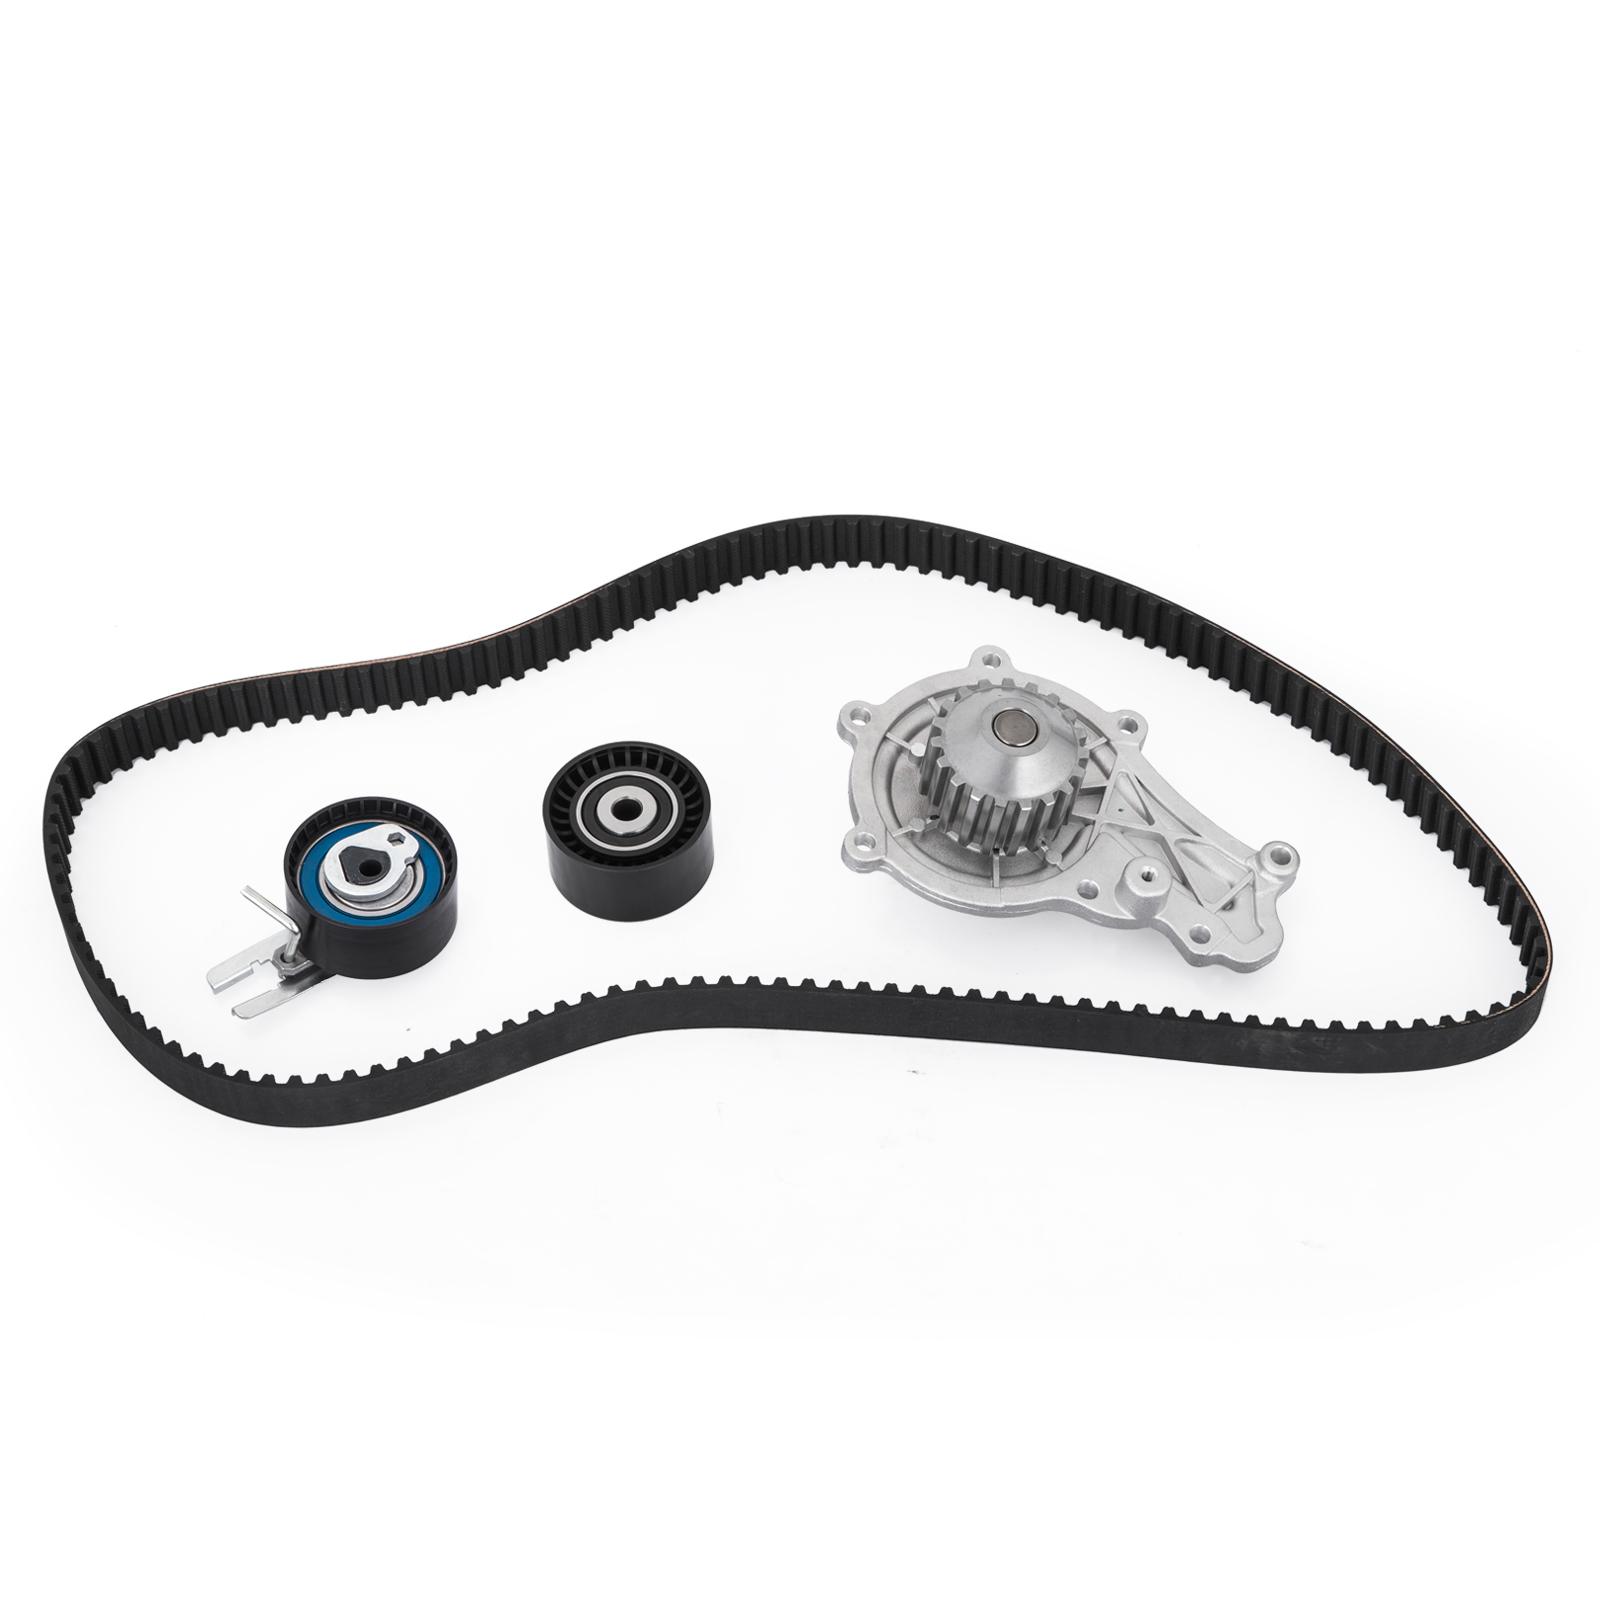 Peugeot Timing Belt Tools